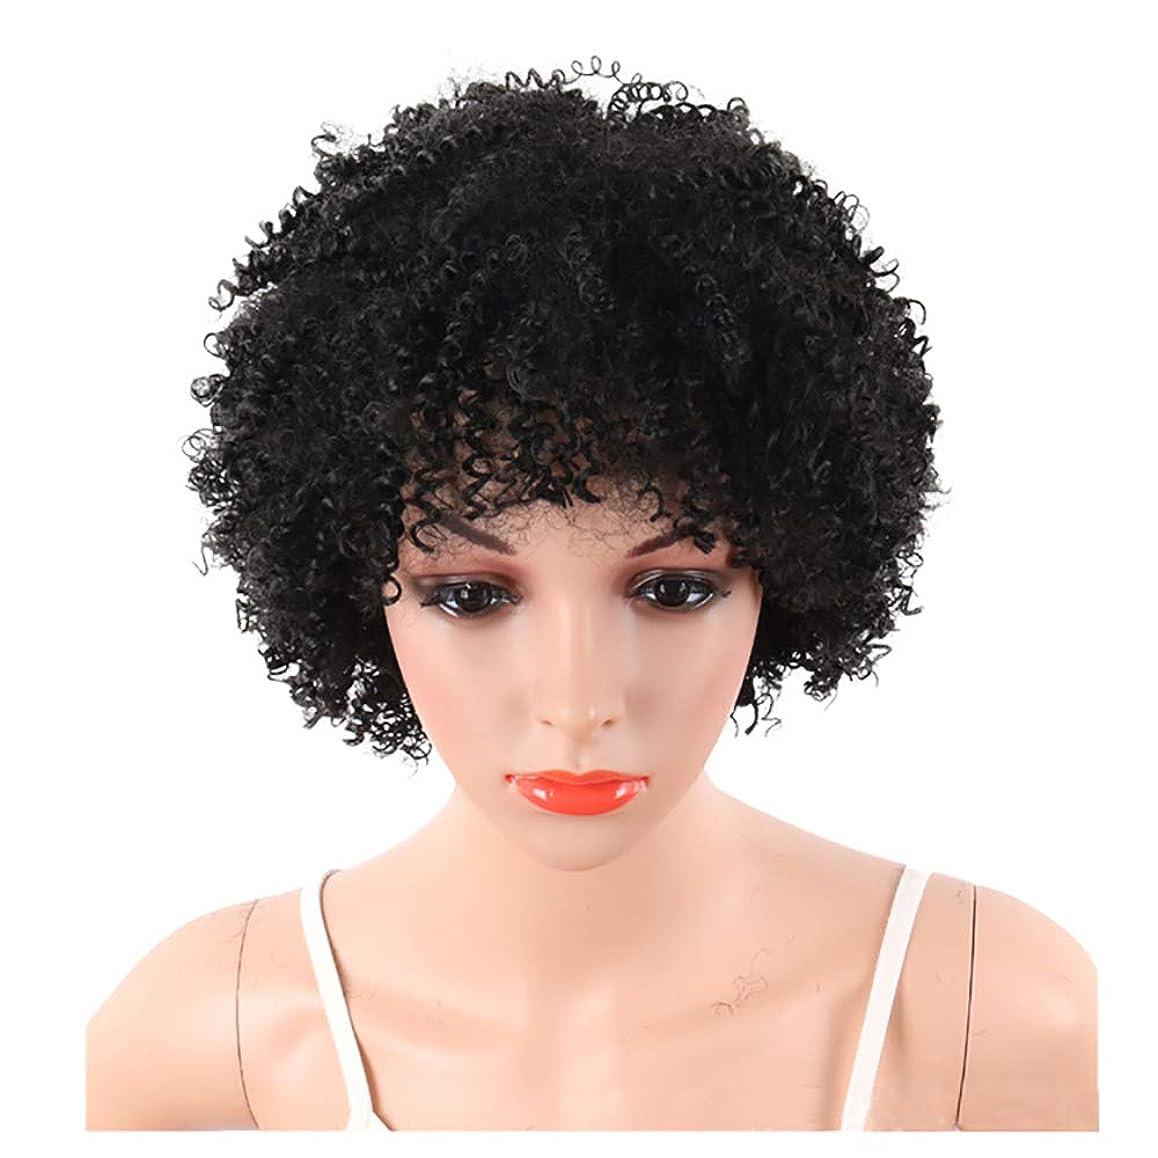 抽象化疑問を超えて多くの危険がある状況YOUQIU ショートボブウィッグ女性ナチュラル人工毛かつら用6